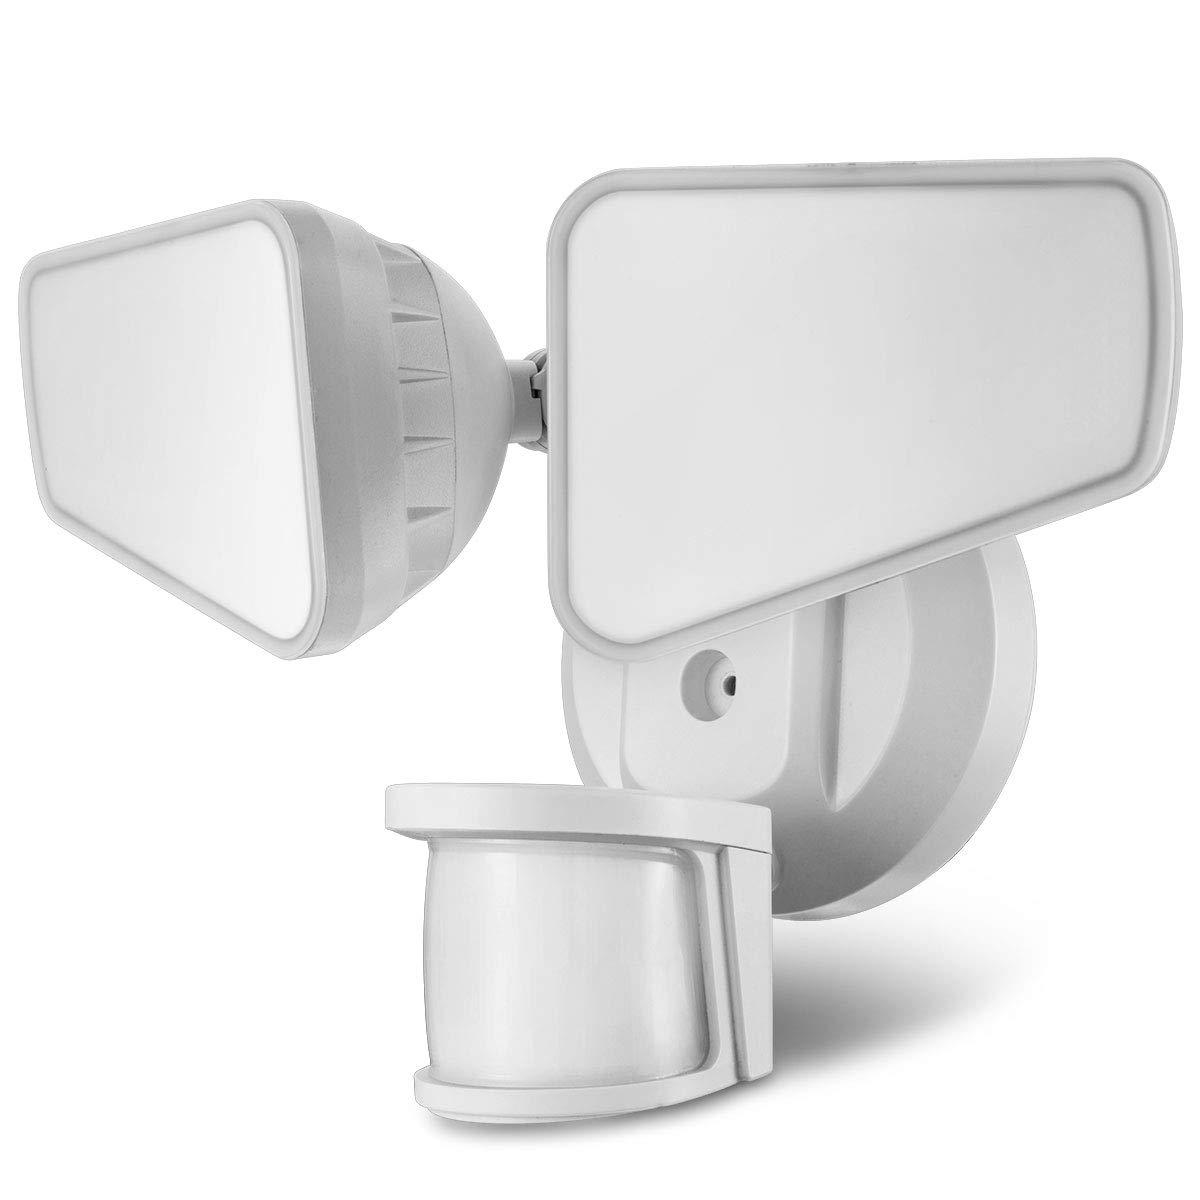 Luz de Seguridad STASUN LED, 2200lm, Luz para Exterior con Sensor de Movimiento de 32W, Ángulo de detección de 240 °, Luz del Día Blanco de 5000K, Reflector para Exterior impermeable IP65: